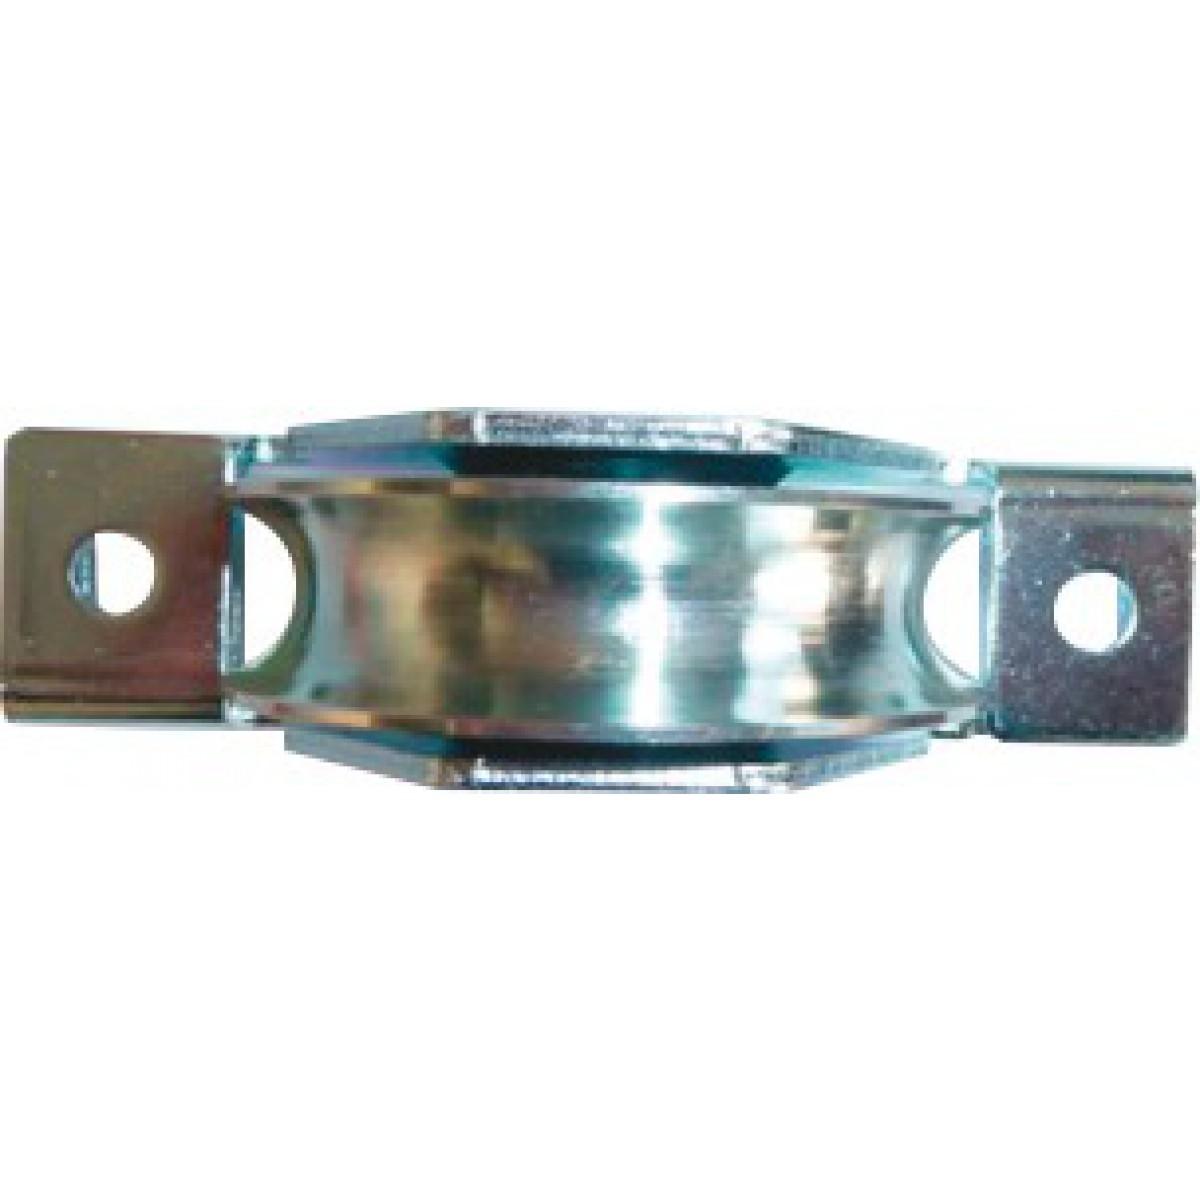 Roue avec support intérieur Guitel point M - Gorge ronde - Diamètre 80 mm